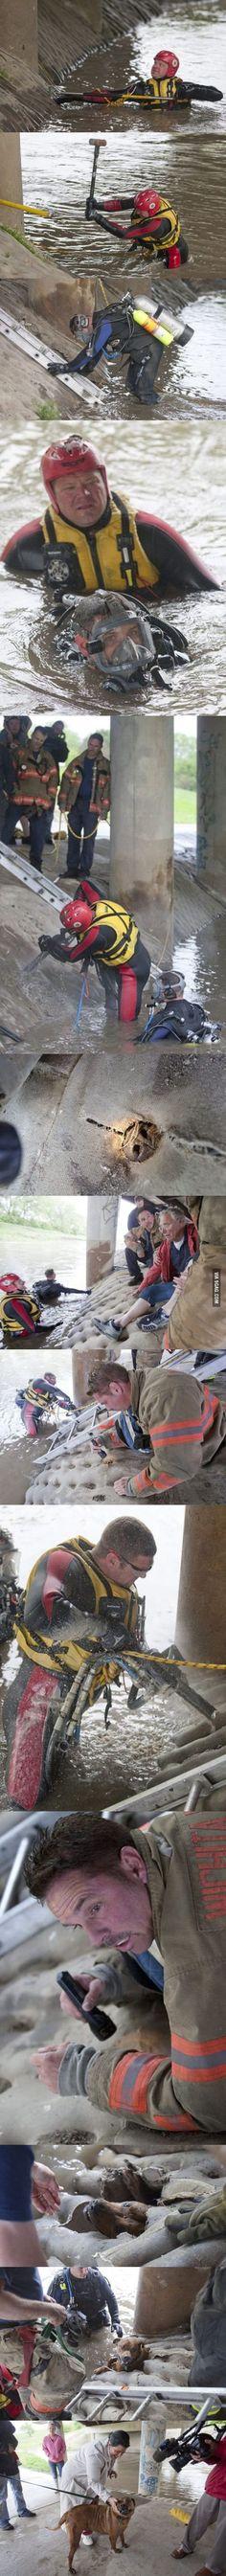 Amazing dog rescue and  Fe en la humanidad restaurada